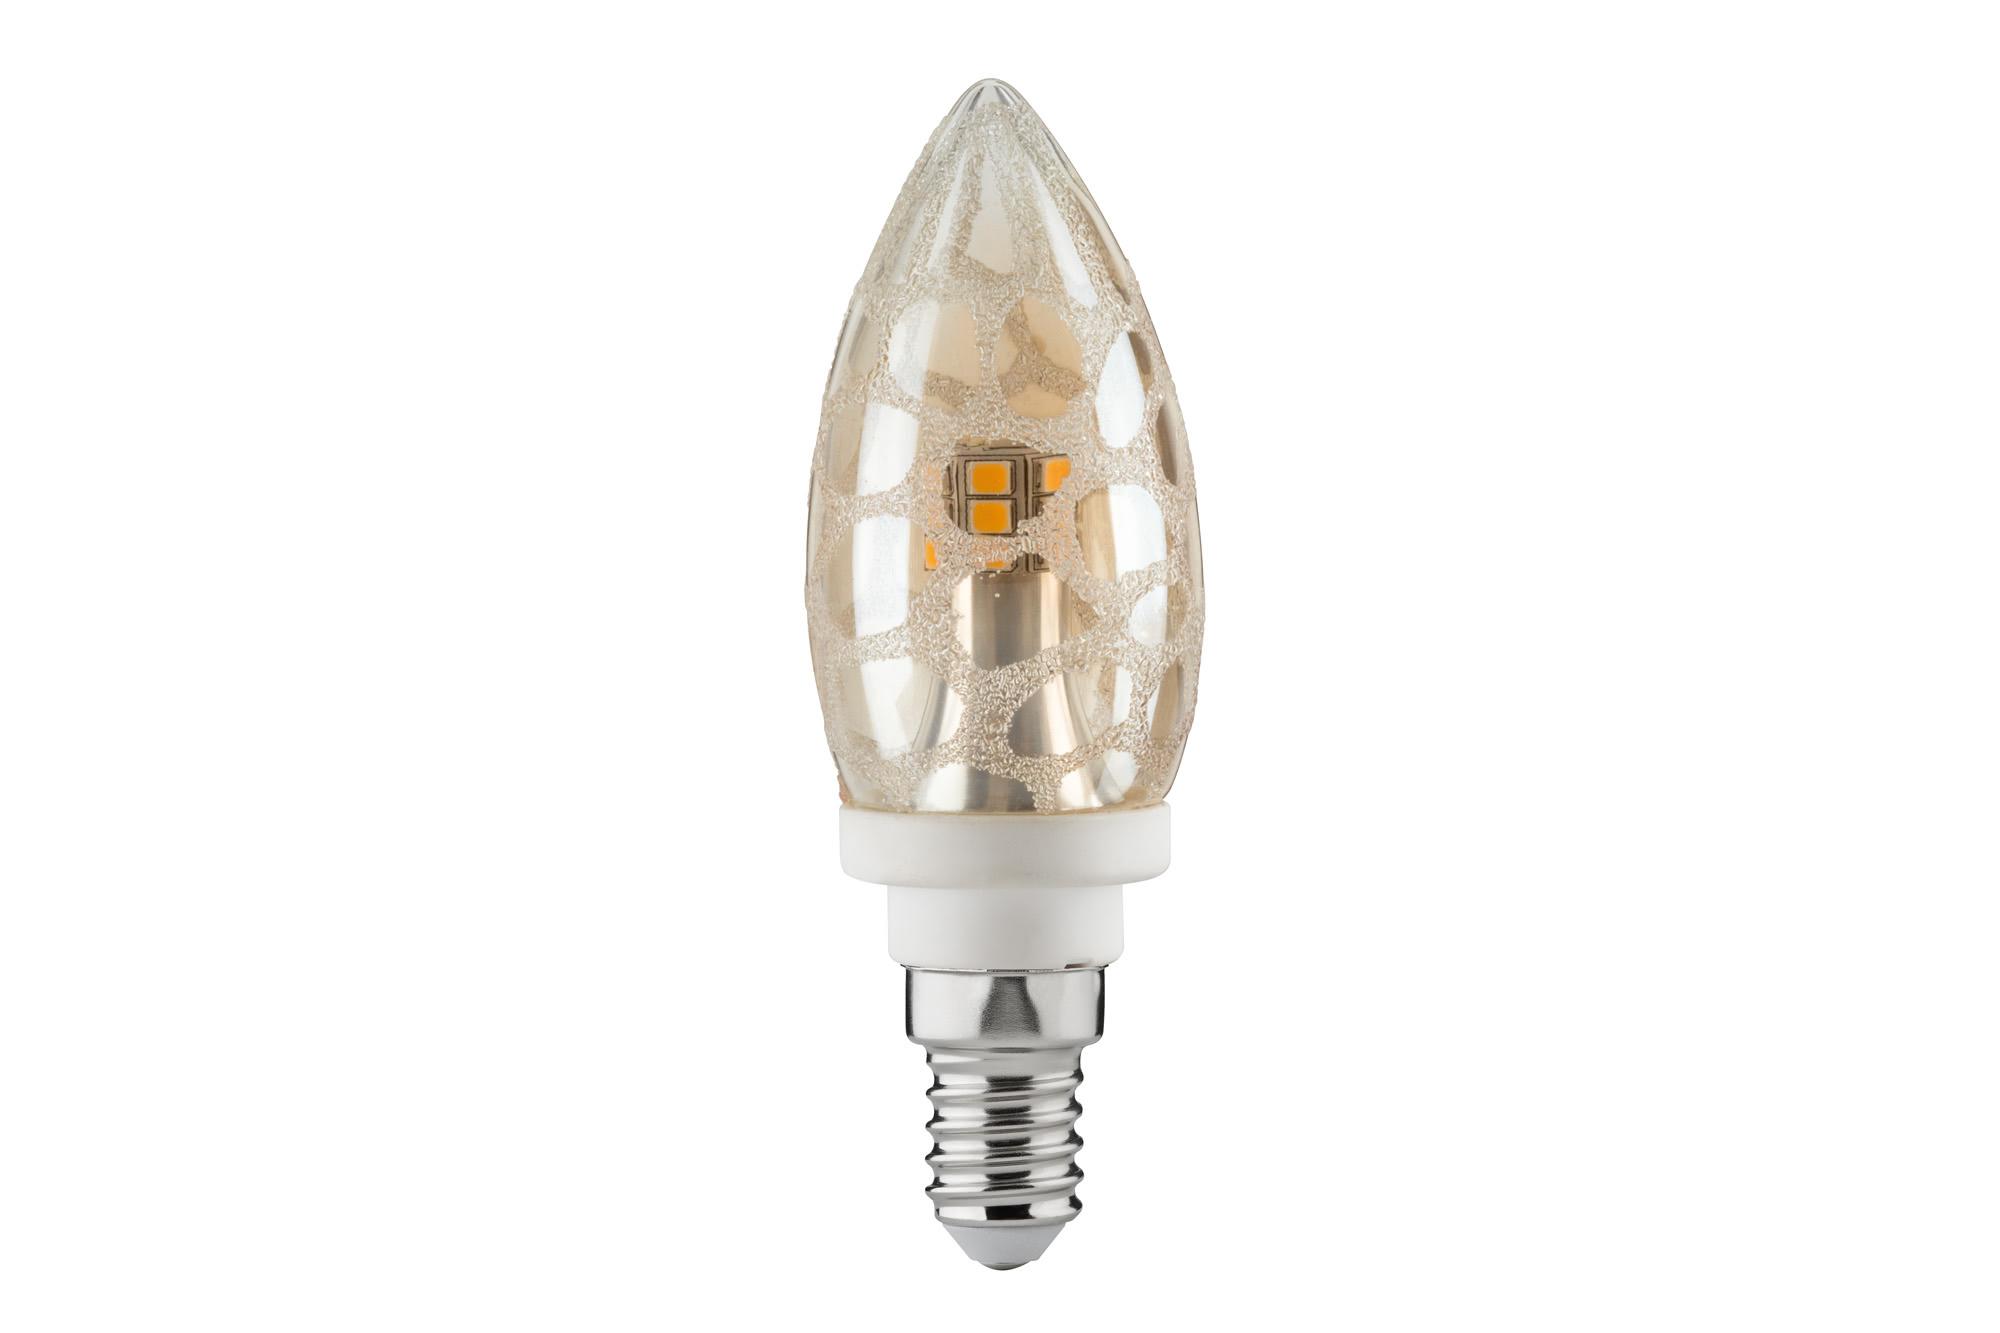 Paulmann. 28310 LED Kerze 4W E14 Krokoeis Gold 2700K